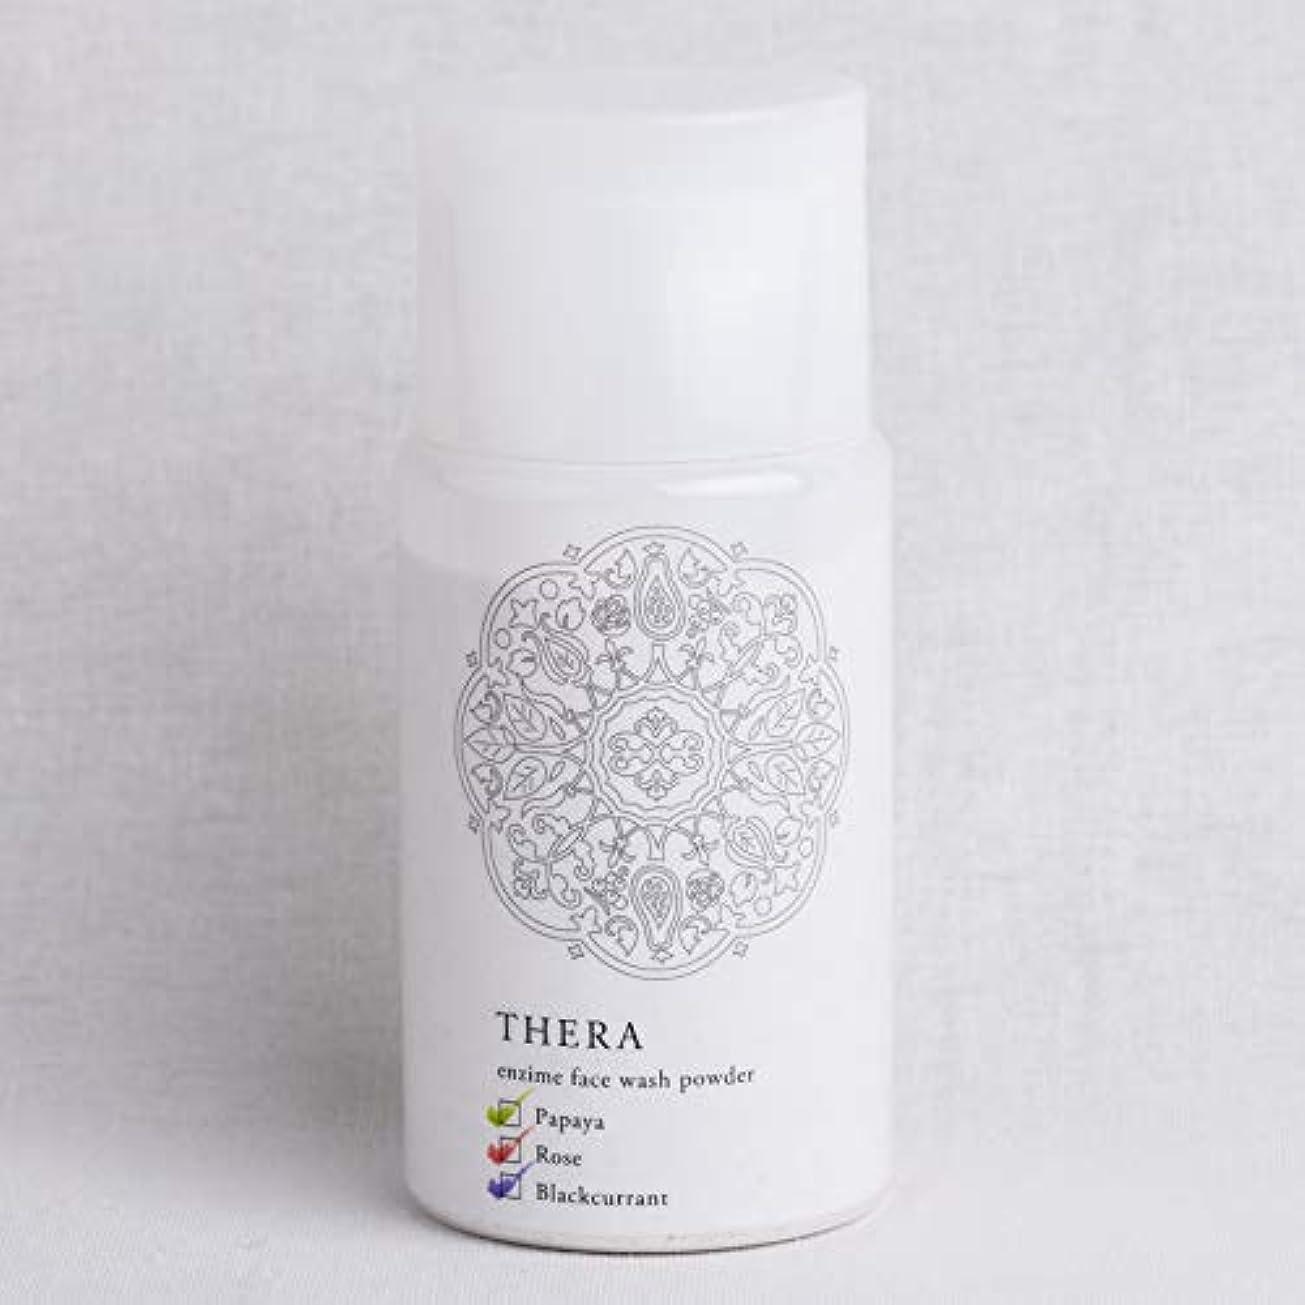 宇宙飛行士ドアクリップ蝶THERA(テラ) 酵素のあらい粉 洗顔 あか 50g